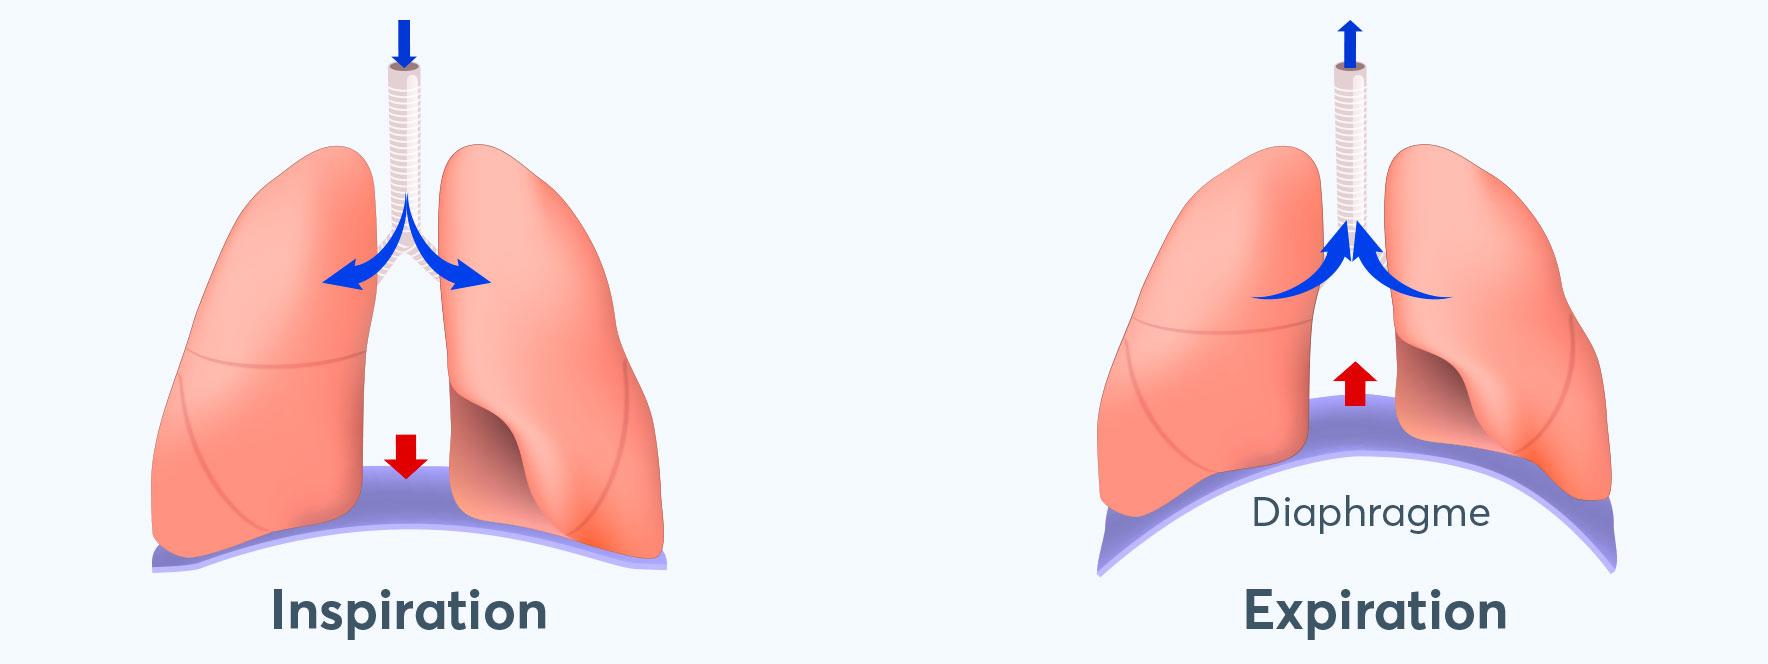 Qu'entend-on par respiration abdominale ou thoracique ? Blogue du Réseau